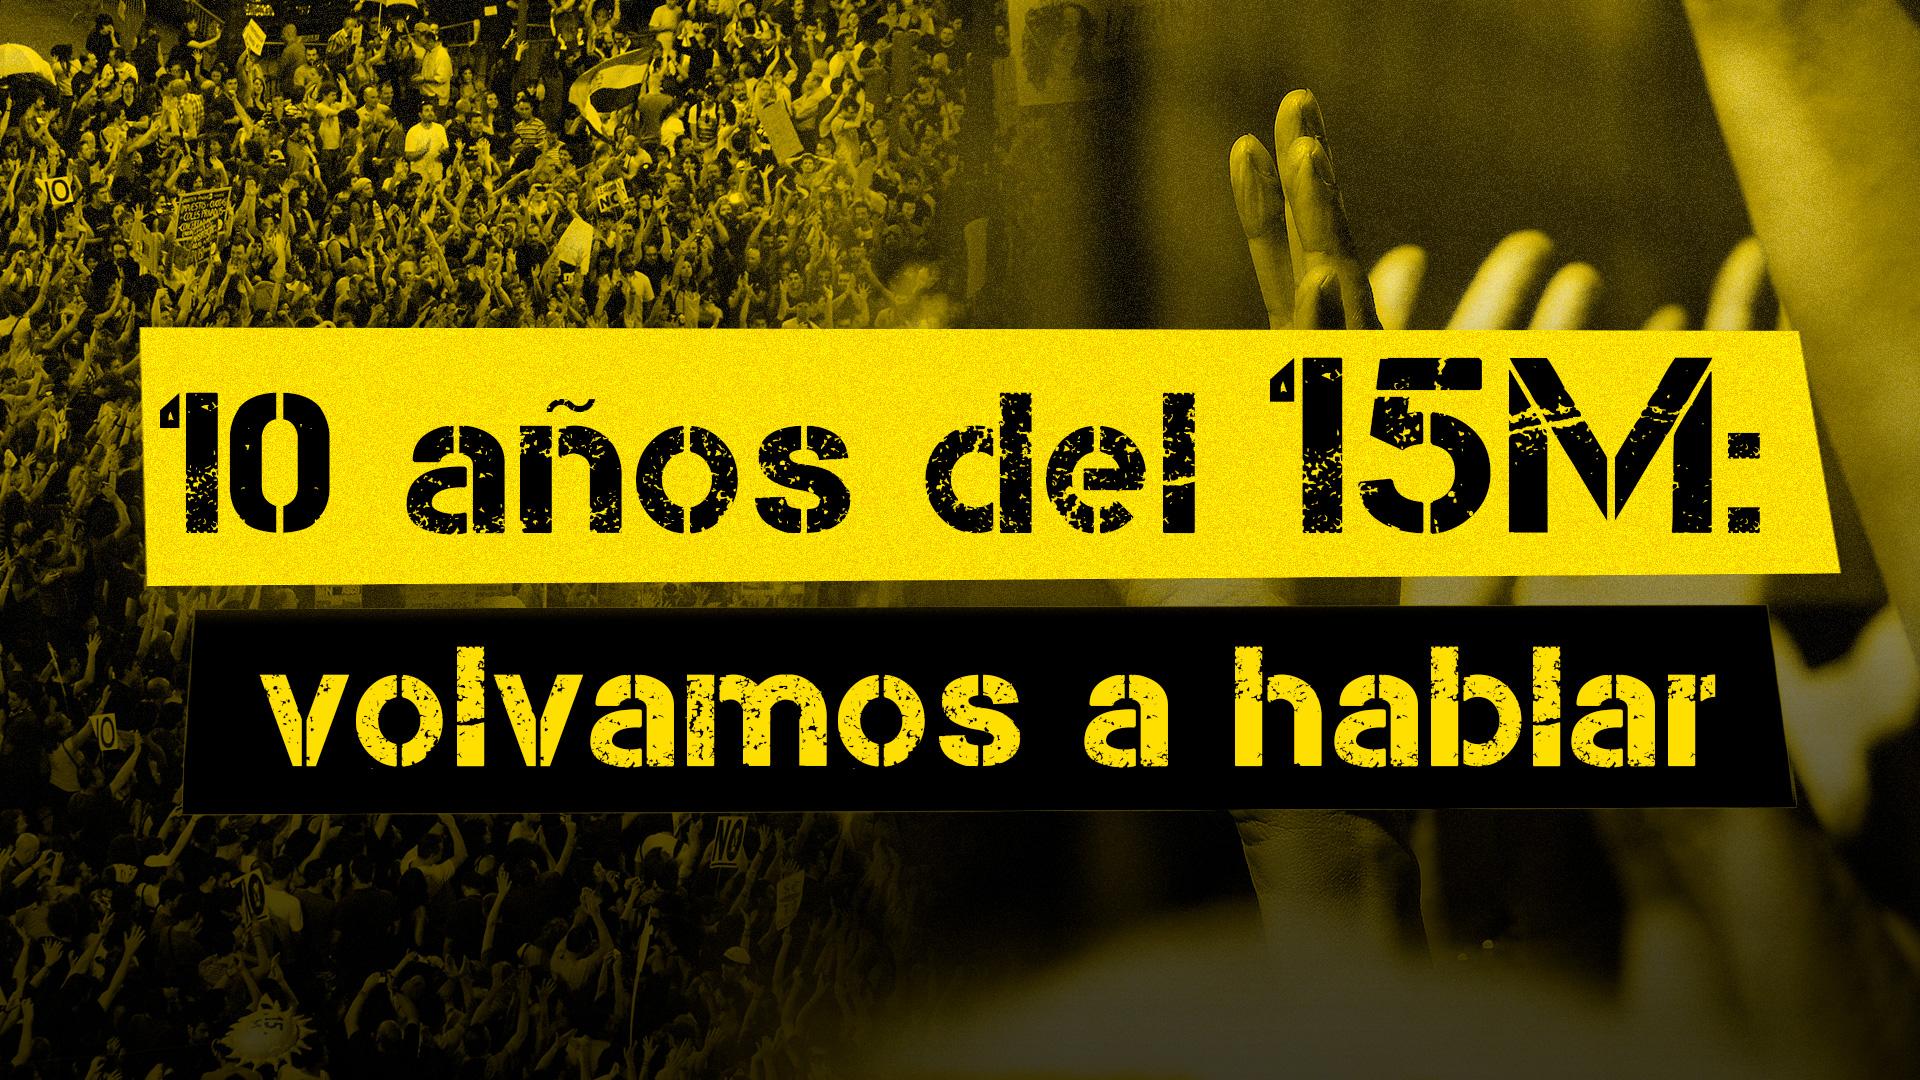 www.rtve.es